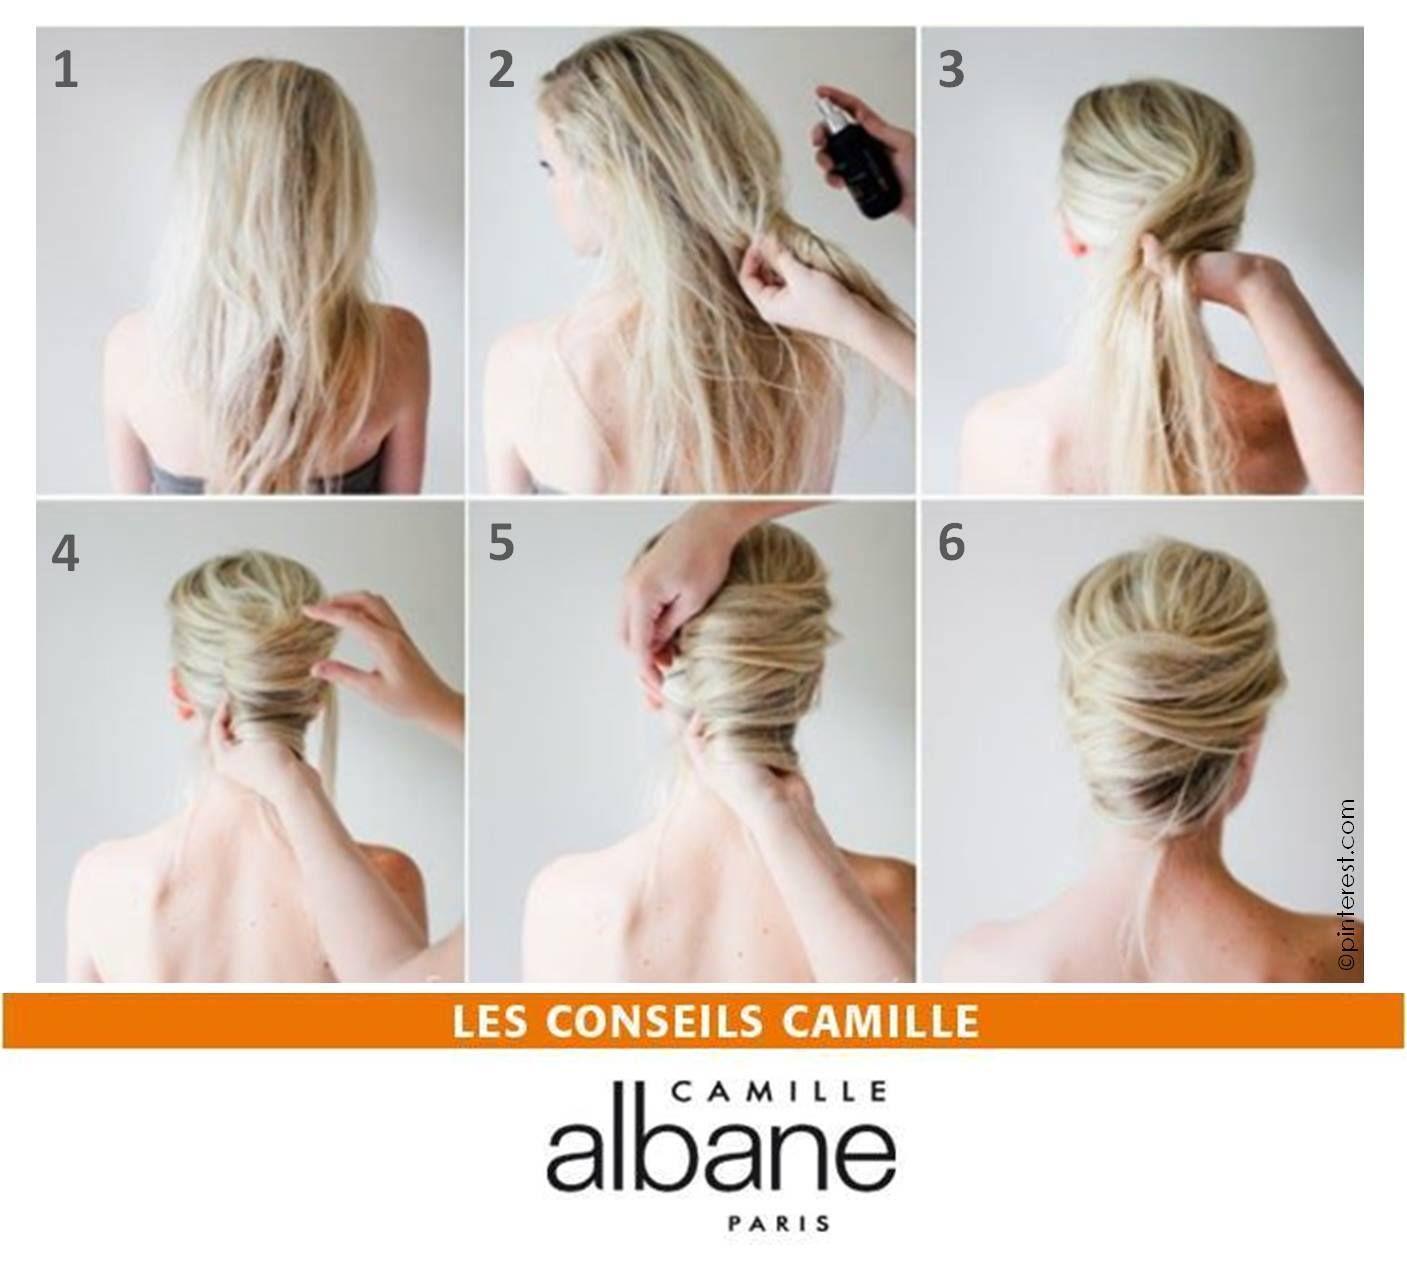 Épinglé par Camille Albane sur Tutos coiffure en 2019